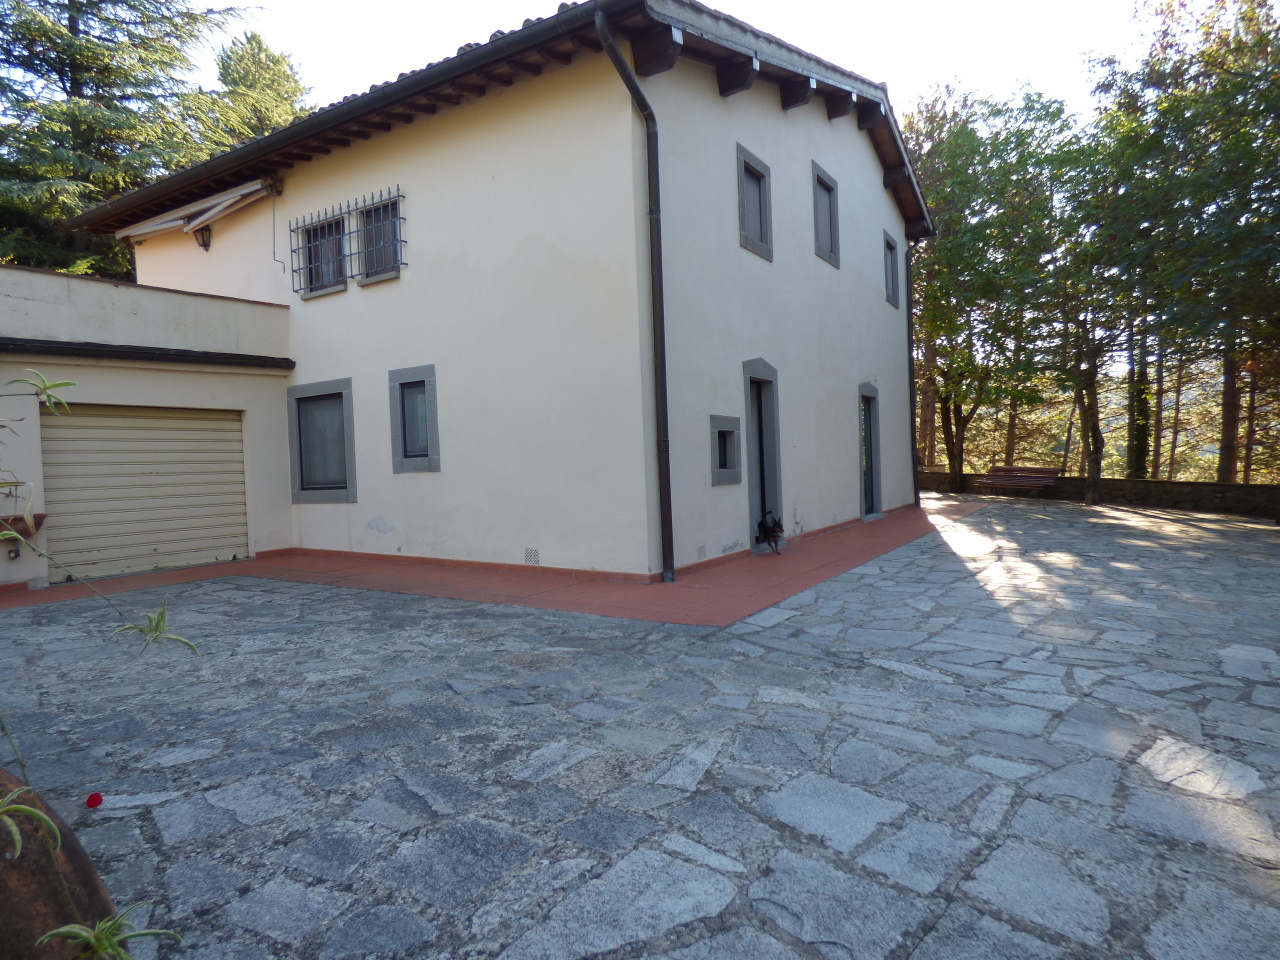 Rustico / Casale in vendita a Pelago, 8 locali, prezzo € 450.000 | CambioCasa.it